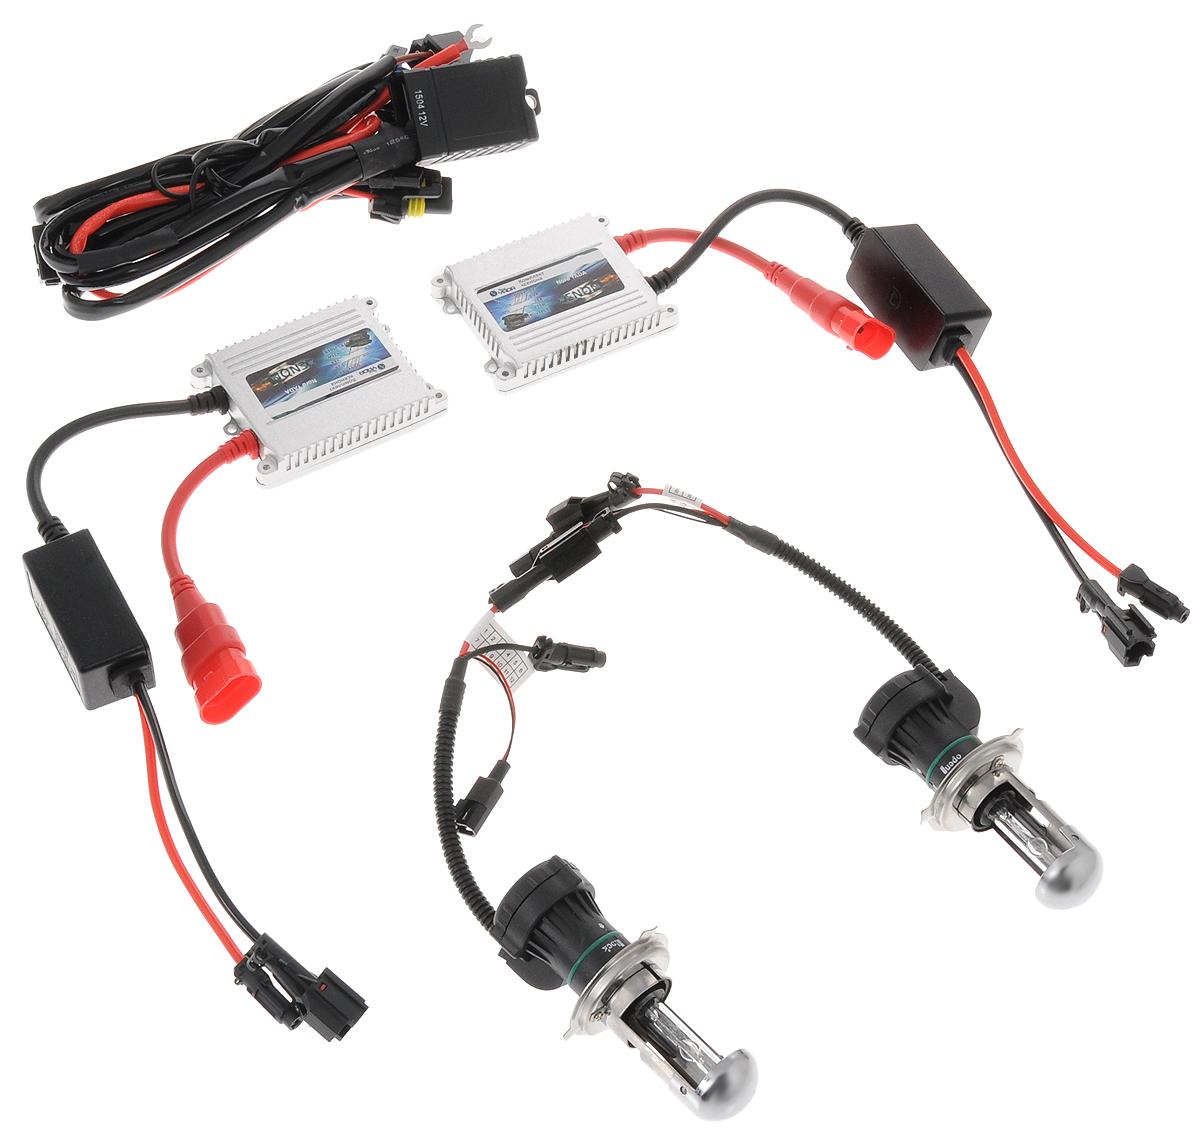 Комплект ксенона Nord YADA, цоколь H4, 9-16V, 35 W. 903145903145Ксеноновый комплект Nord YADA предназначен для использования в транспортных средствах. Он обеспечивает стабильное освещение дороги при плохих погодных условиях и в темноте. Комплект предназначен для использования в фарах ближнего и дальнего света. Биксеноновый комплект обеспечивает легкий переход от галогенового освещения к освещению ксеноном. Позволяет улучшить освещение дороги, повысить безопасность и снизить показатели потребляемой мощности вашего автомобиля. Рабочий диапазон питающих напряжений: 9-16В. Диапазон рабочих температур: от -20°С до +120°С. Срок службы: 3000 ч.